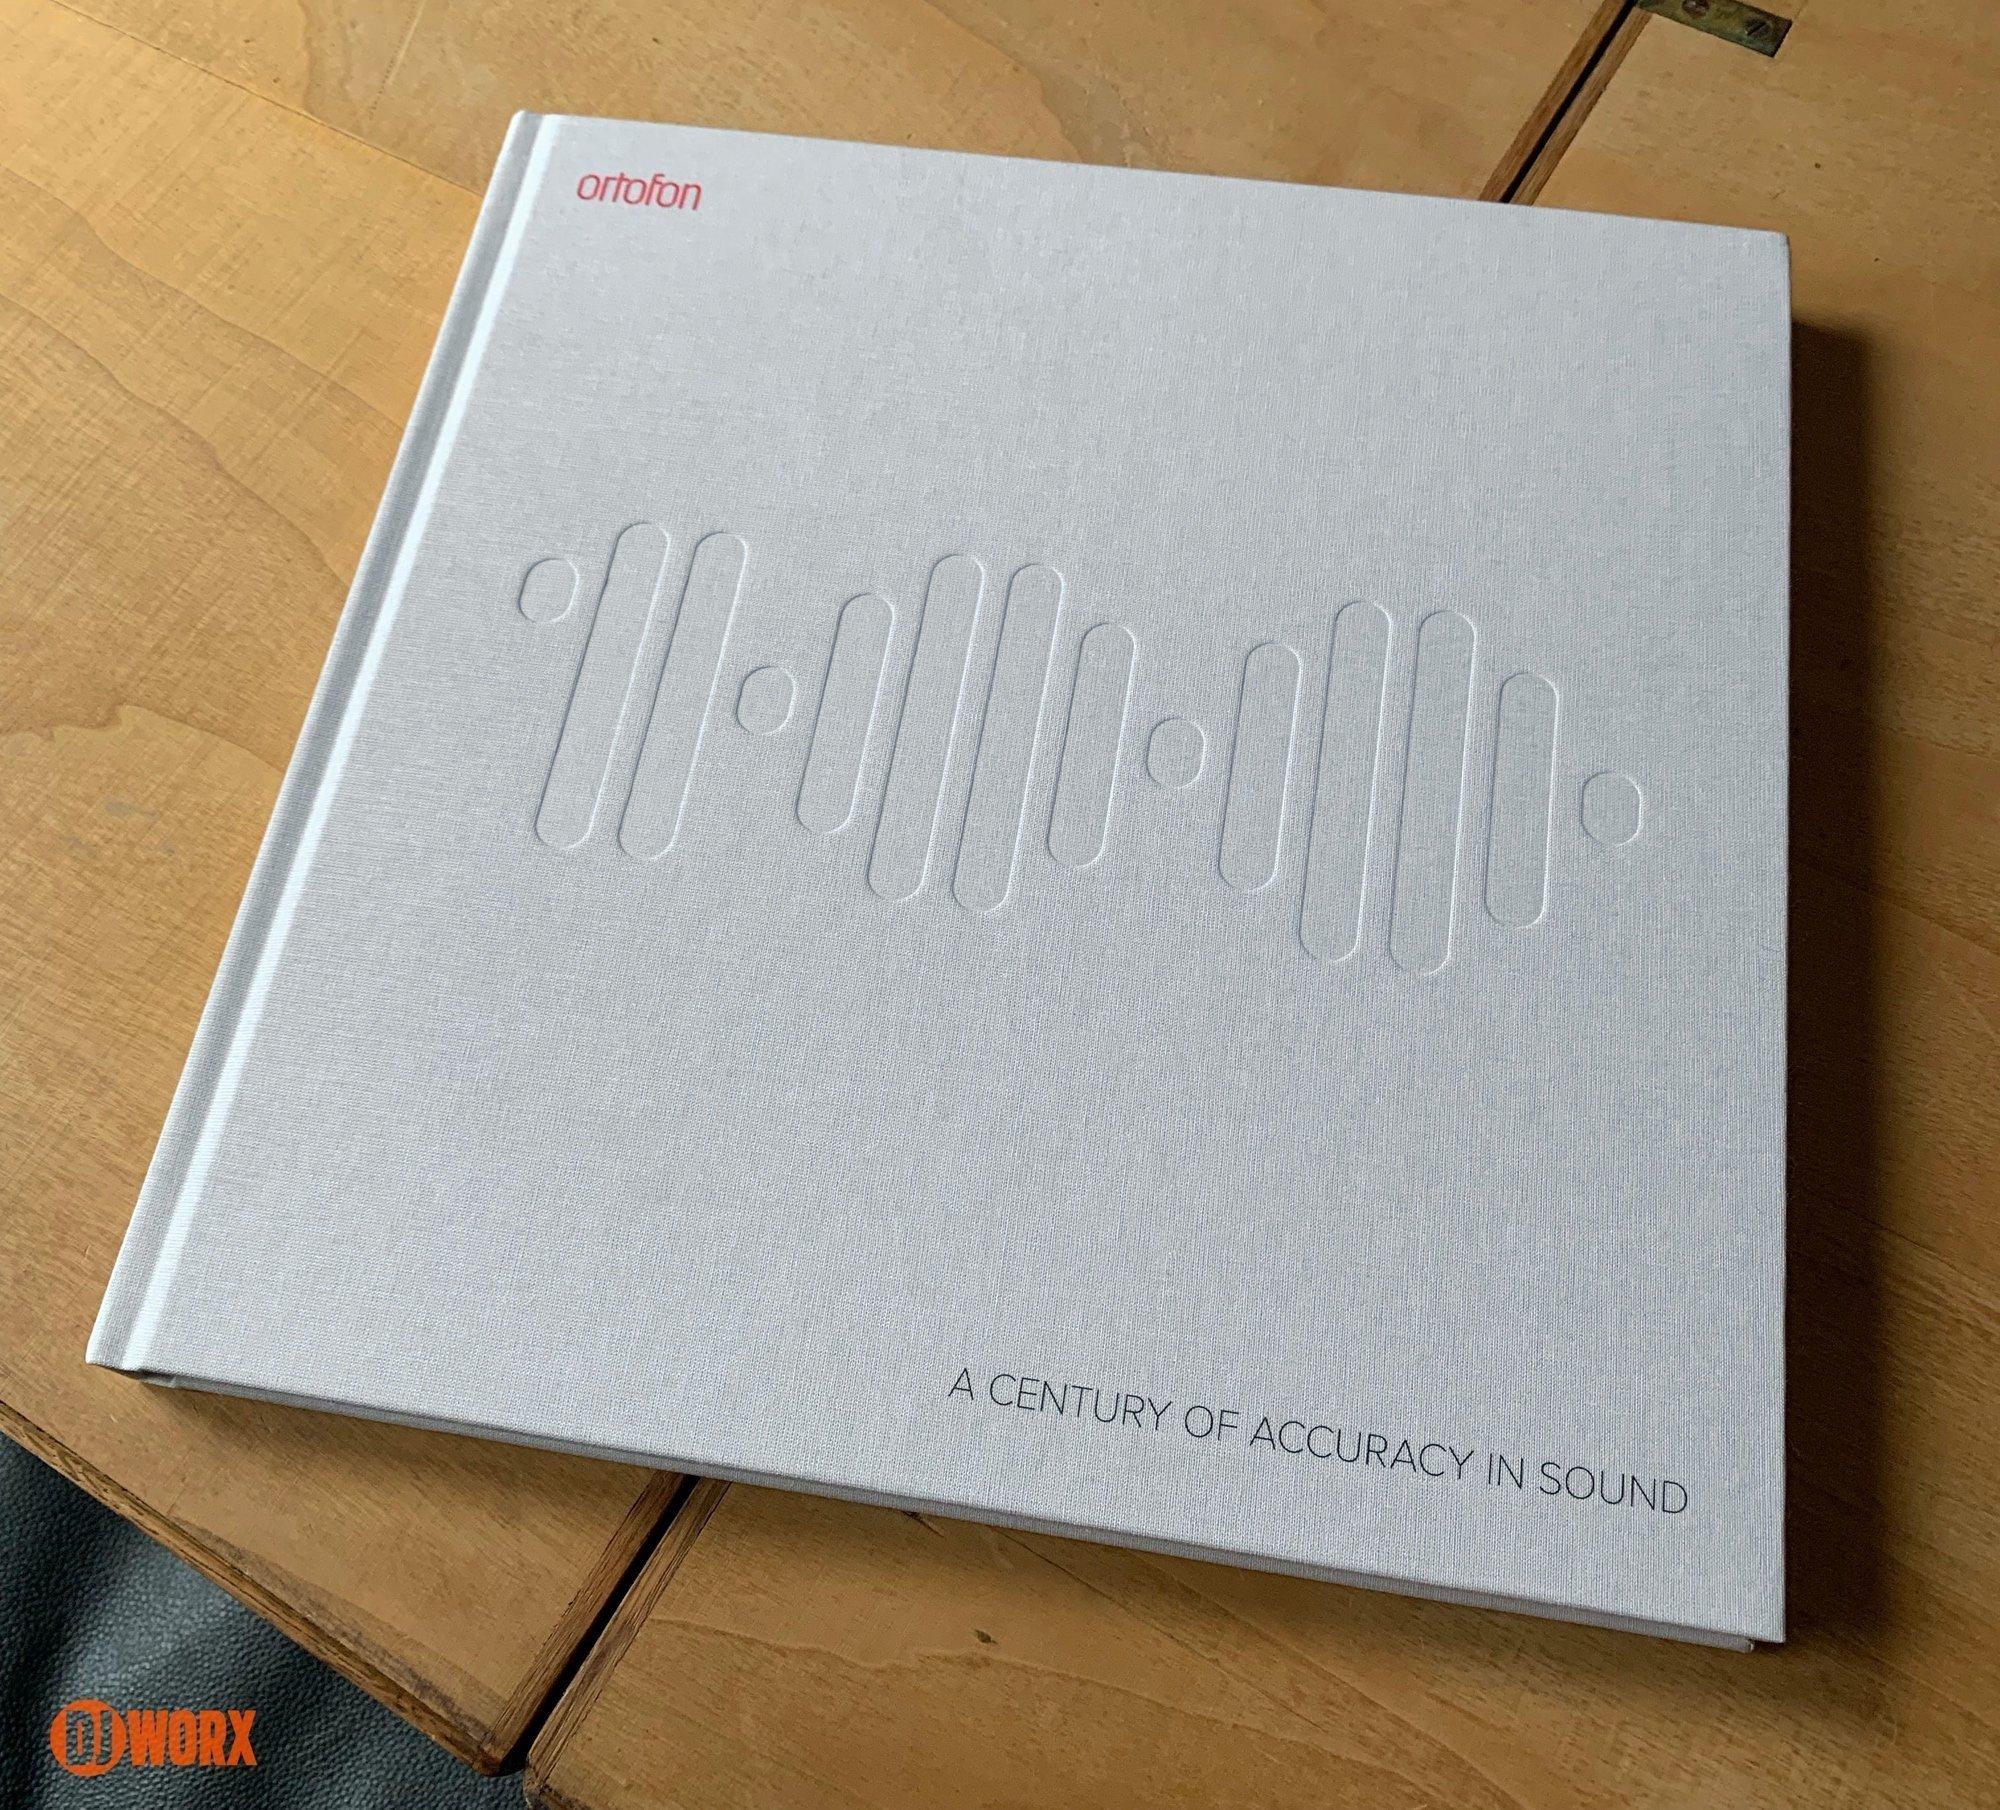 ortofon 100 years book century (8)